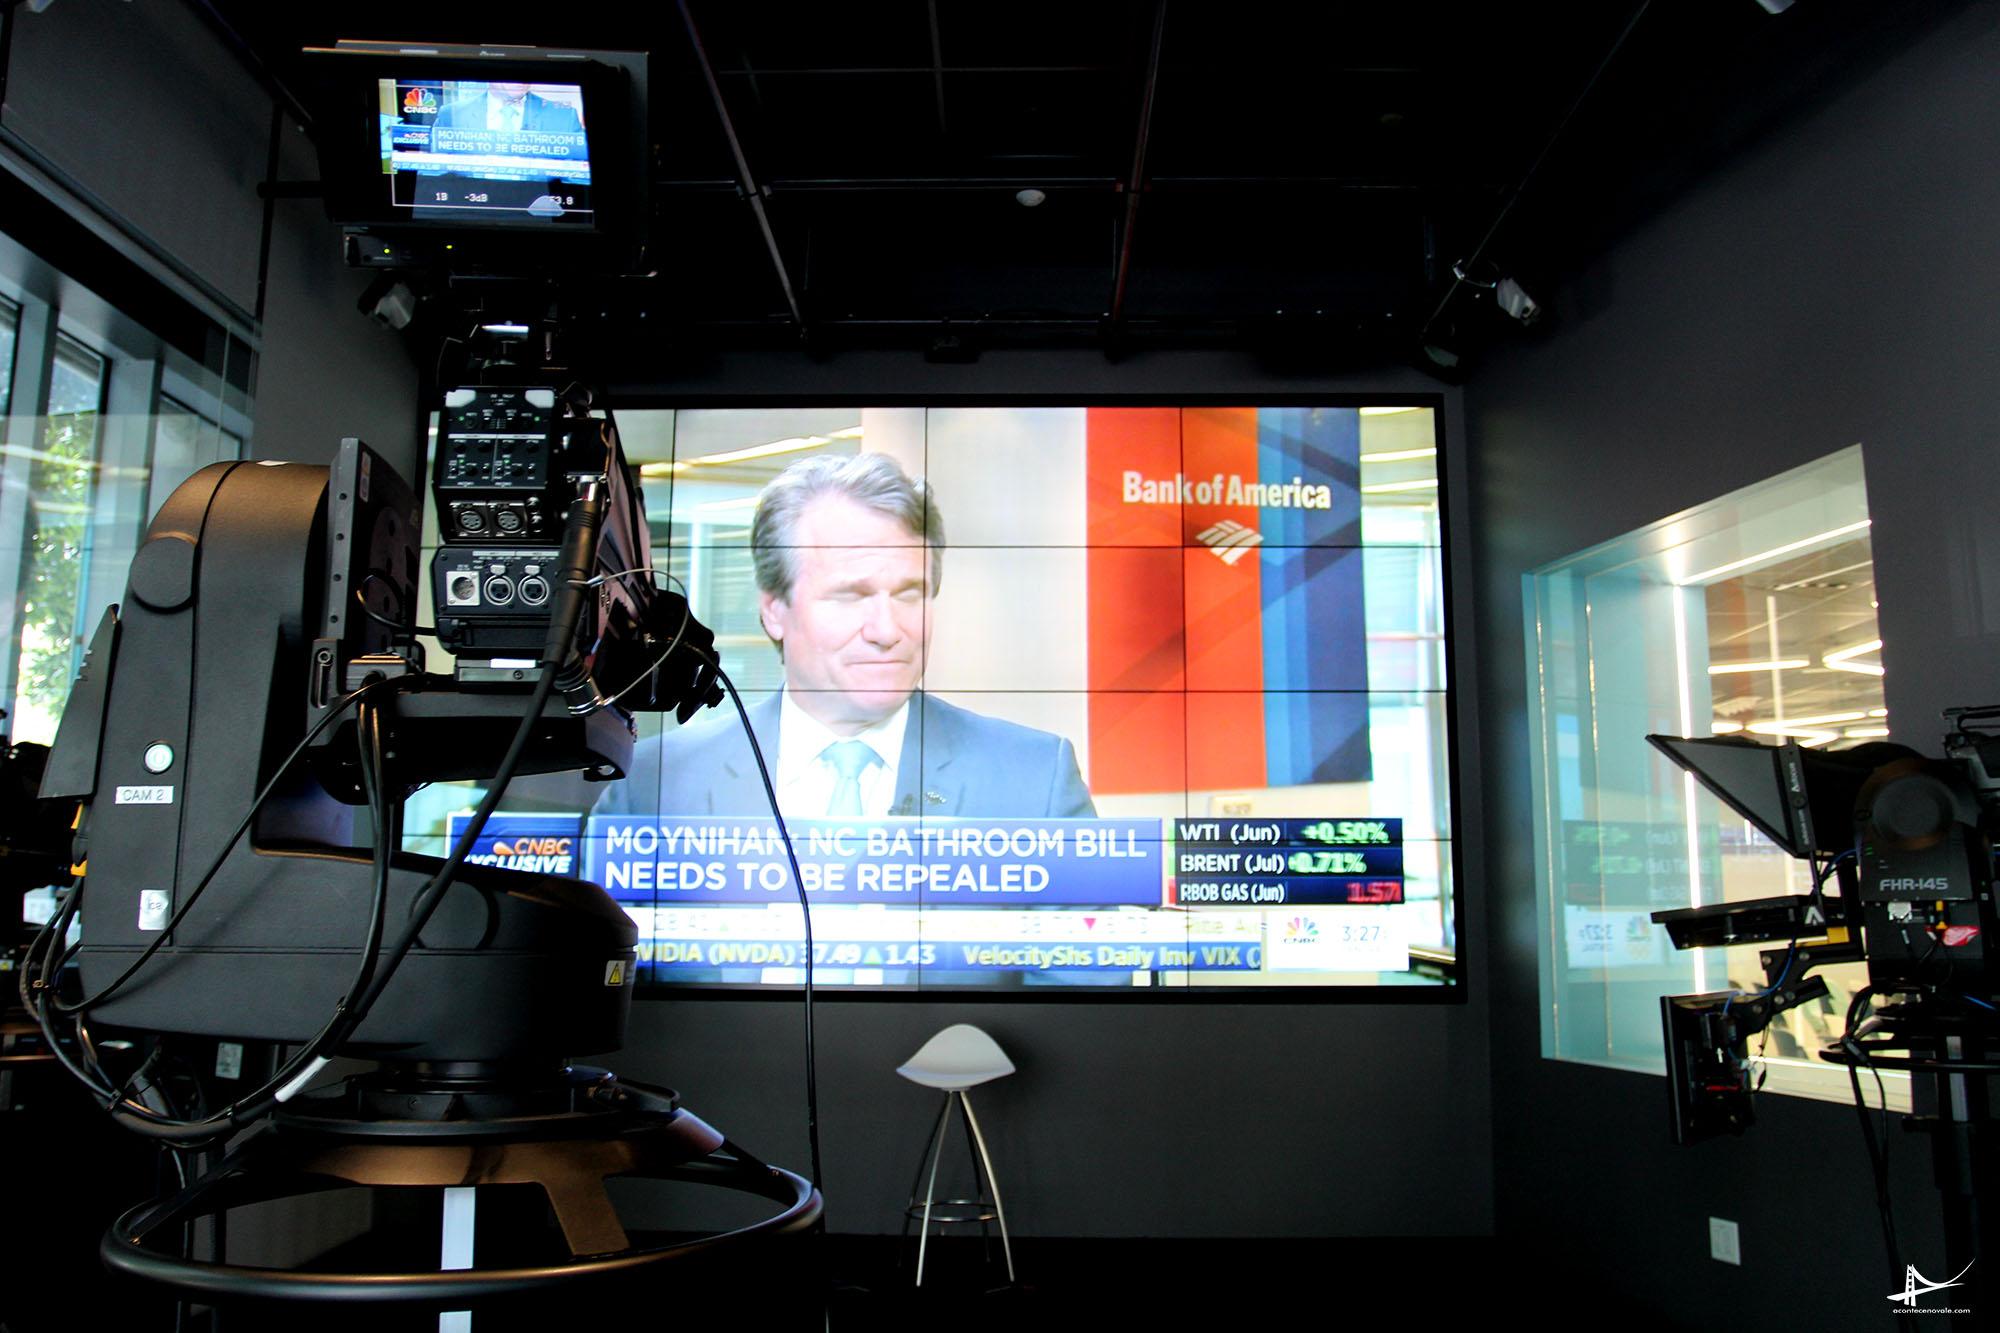 Laboratório de mídia - Nasdaq